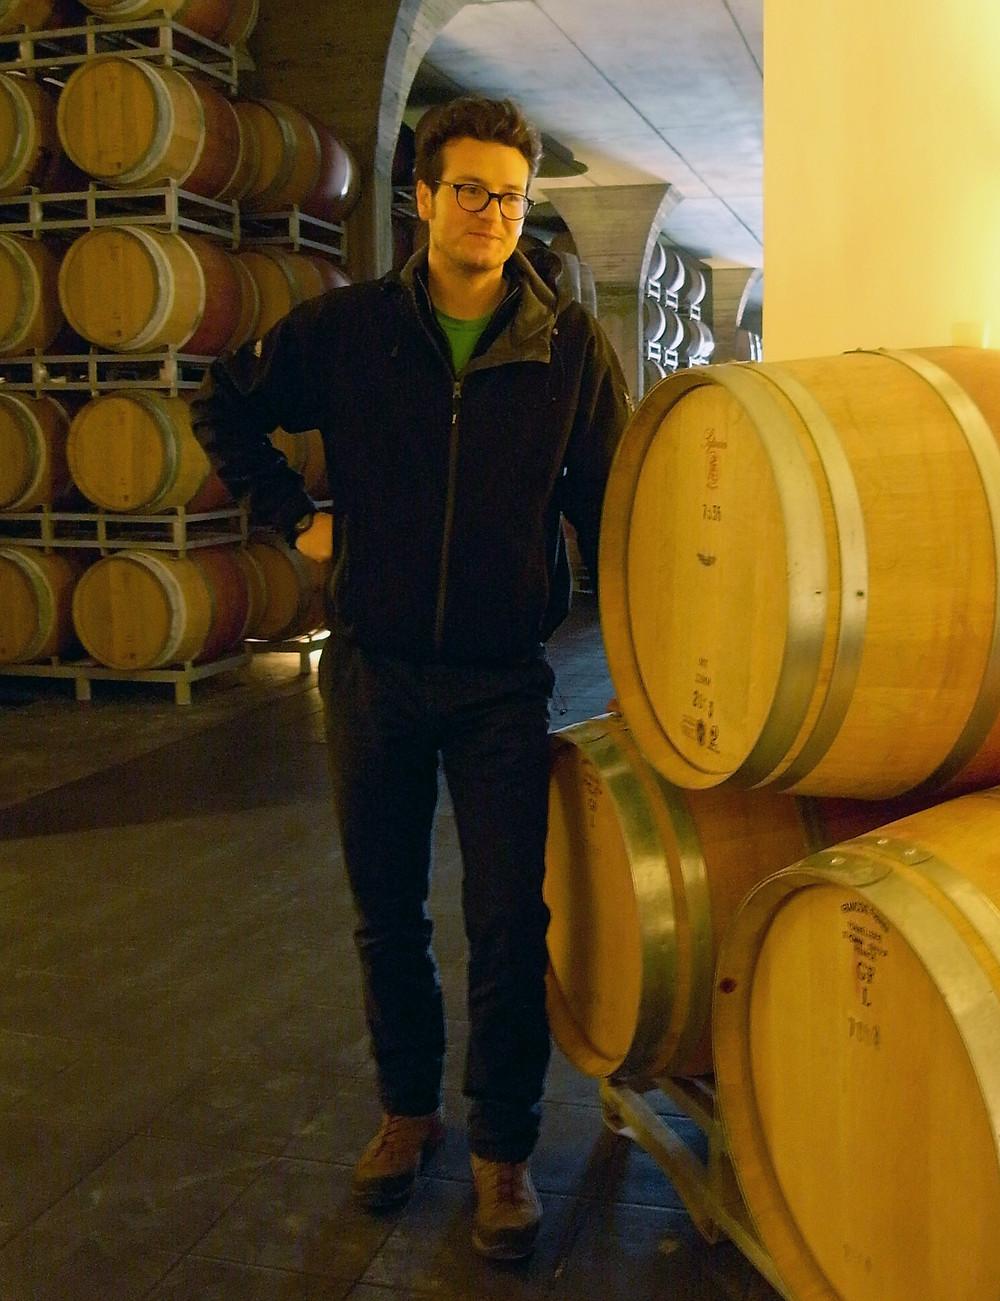 カステルジョコンドのワインメーカー、フィリッポ・マンニさんはボルドー大学卒。以前はシャトー・オー・ブリオンに勤務していた。